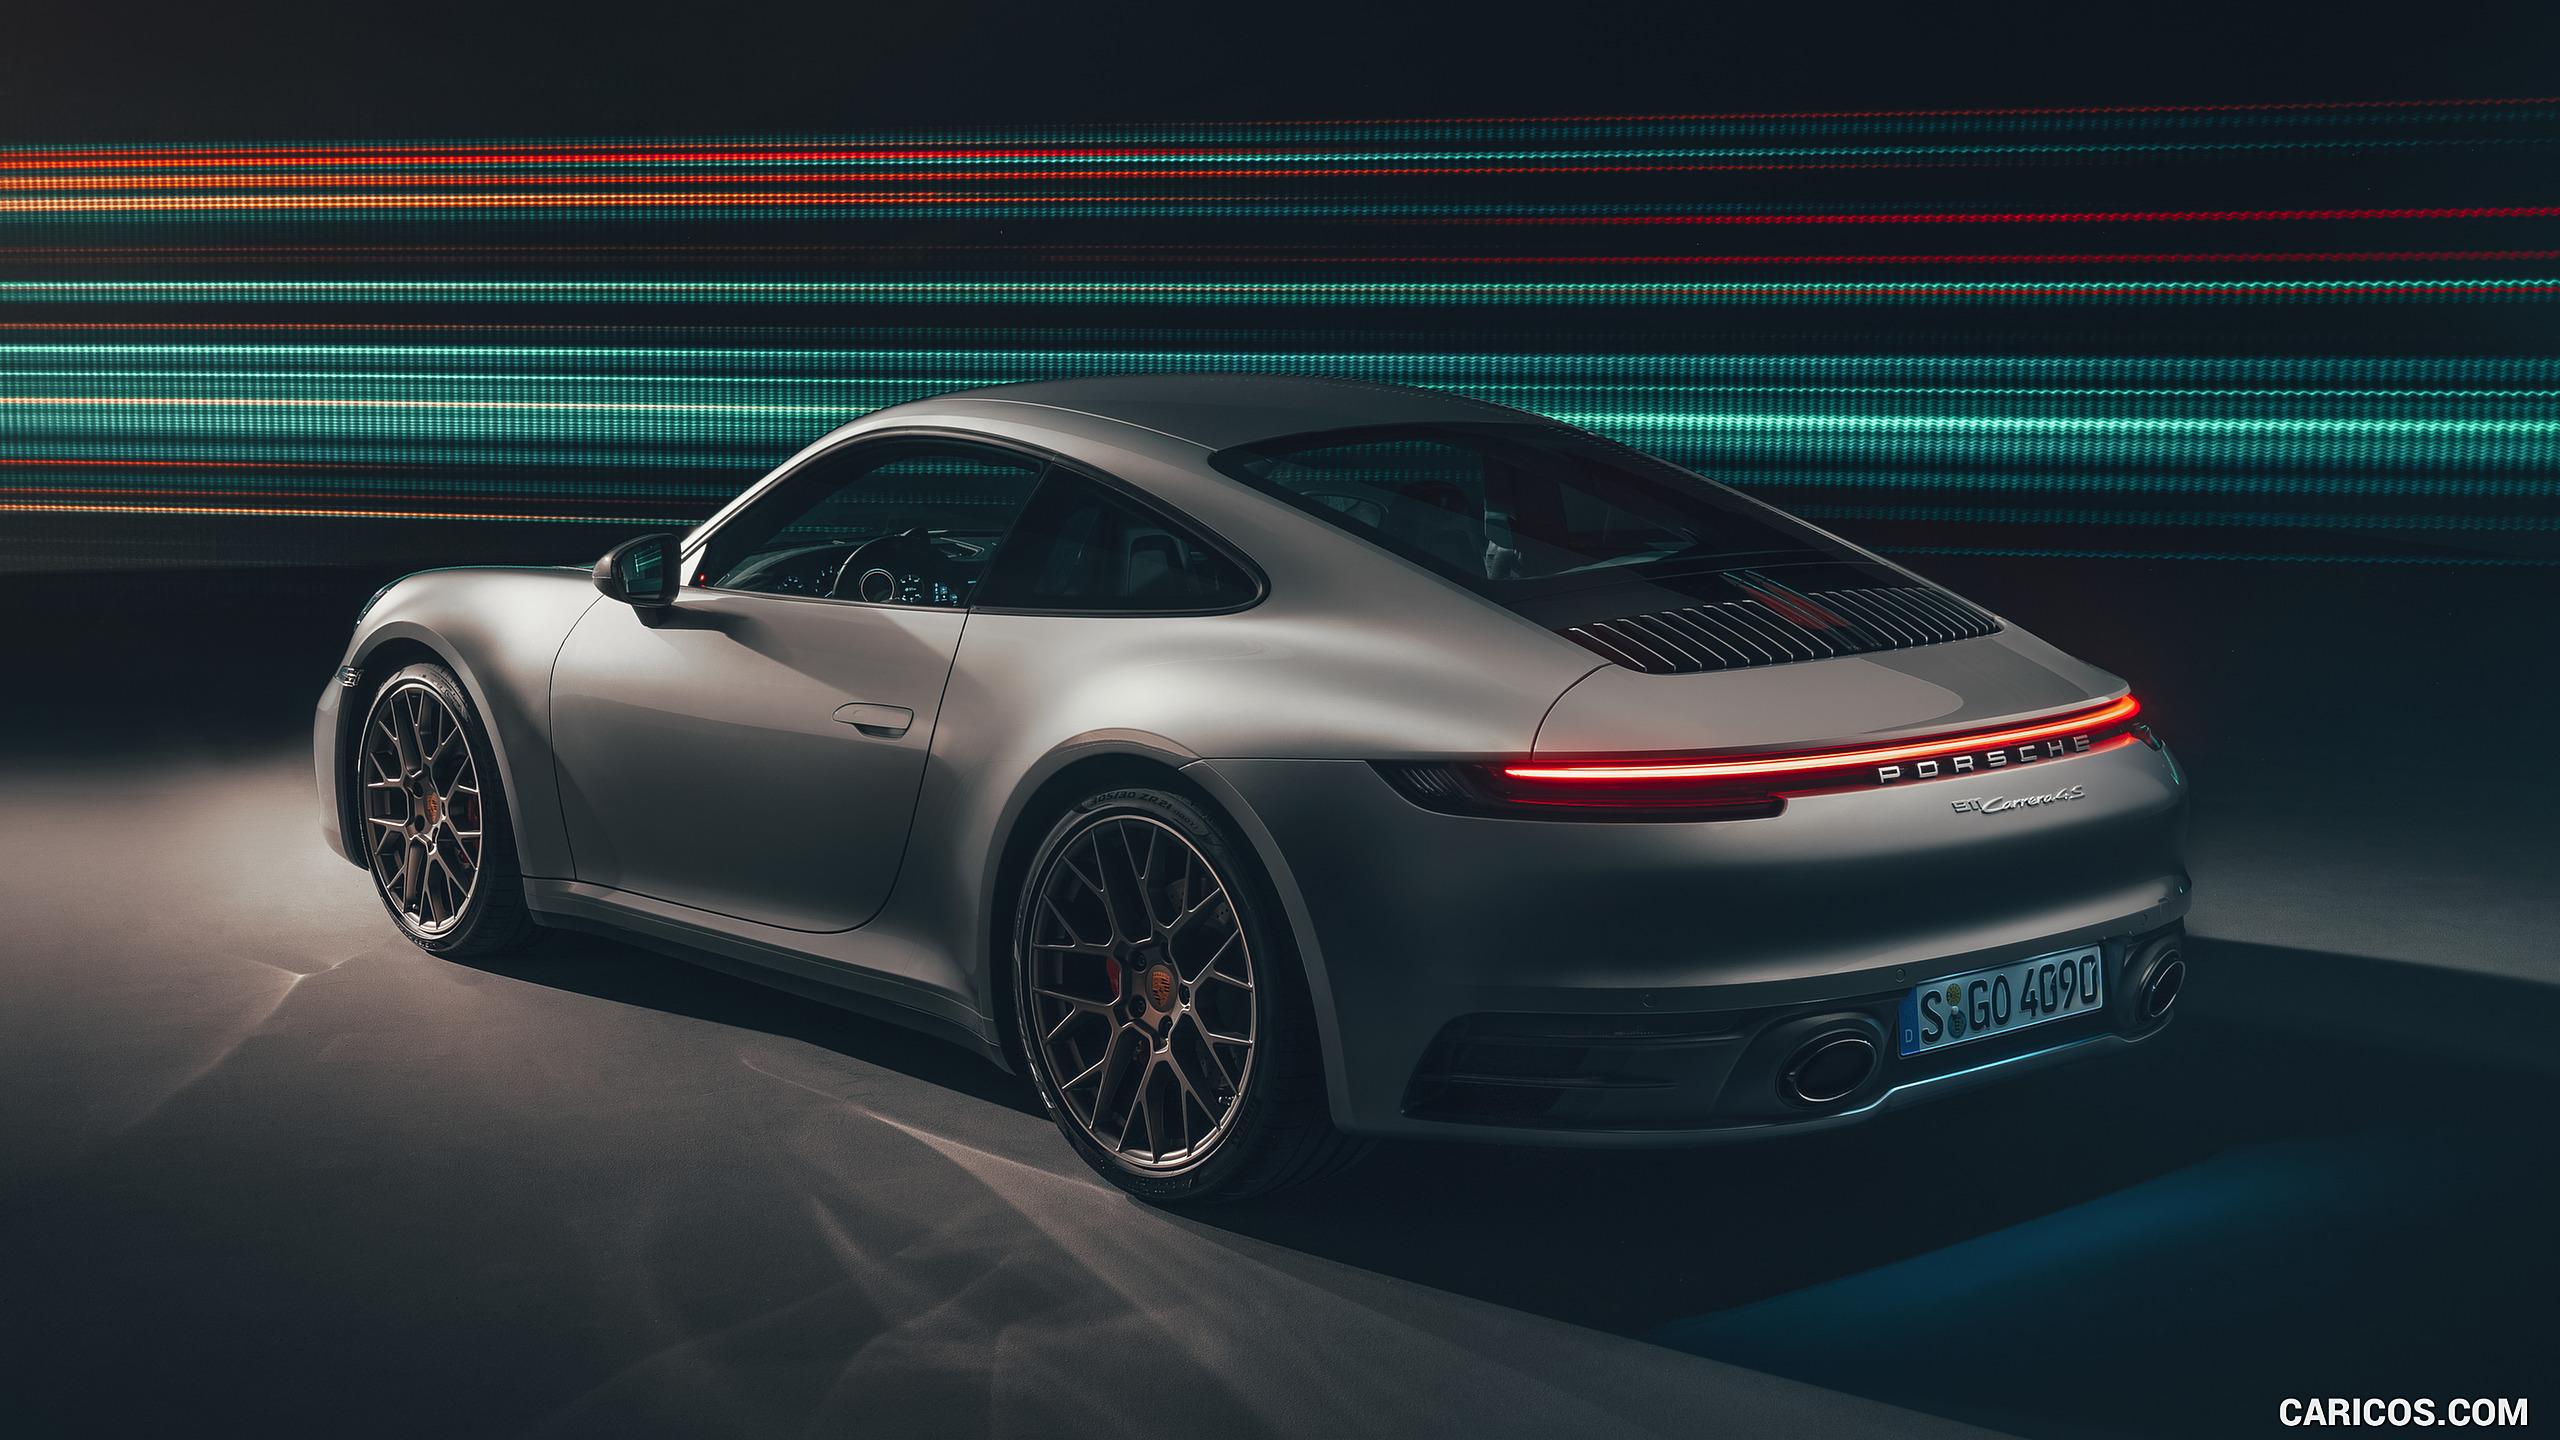 2020 Porsche 911 Carrera 4S   Rear Three Quarter HD Wallpaper 30 2560x1440